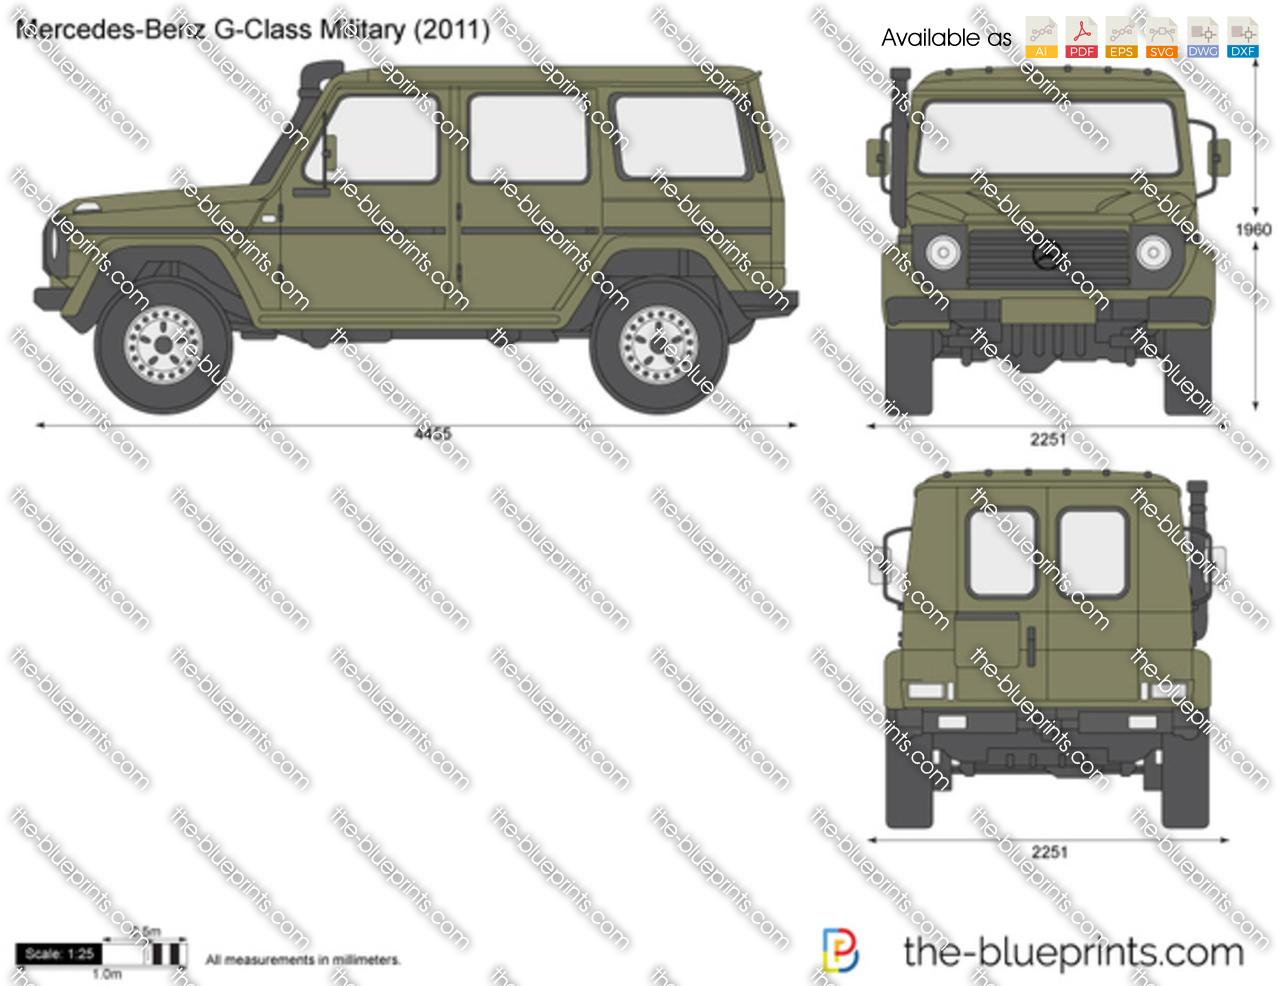 Mercedes-Benz G-Class Military 461 2000